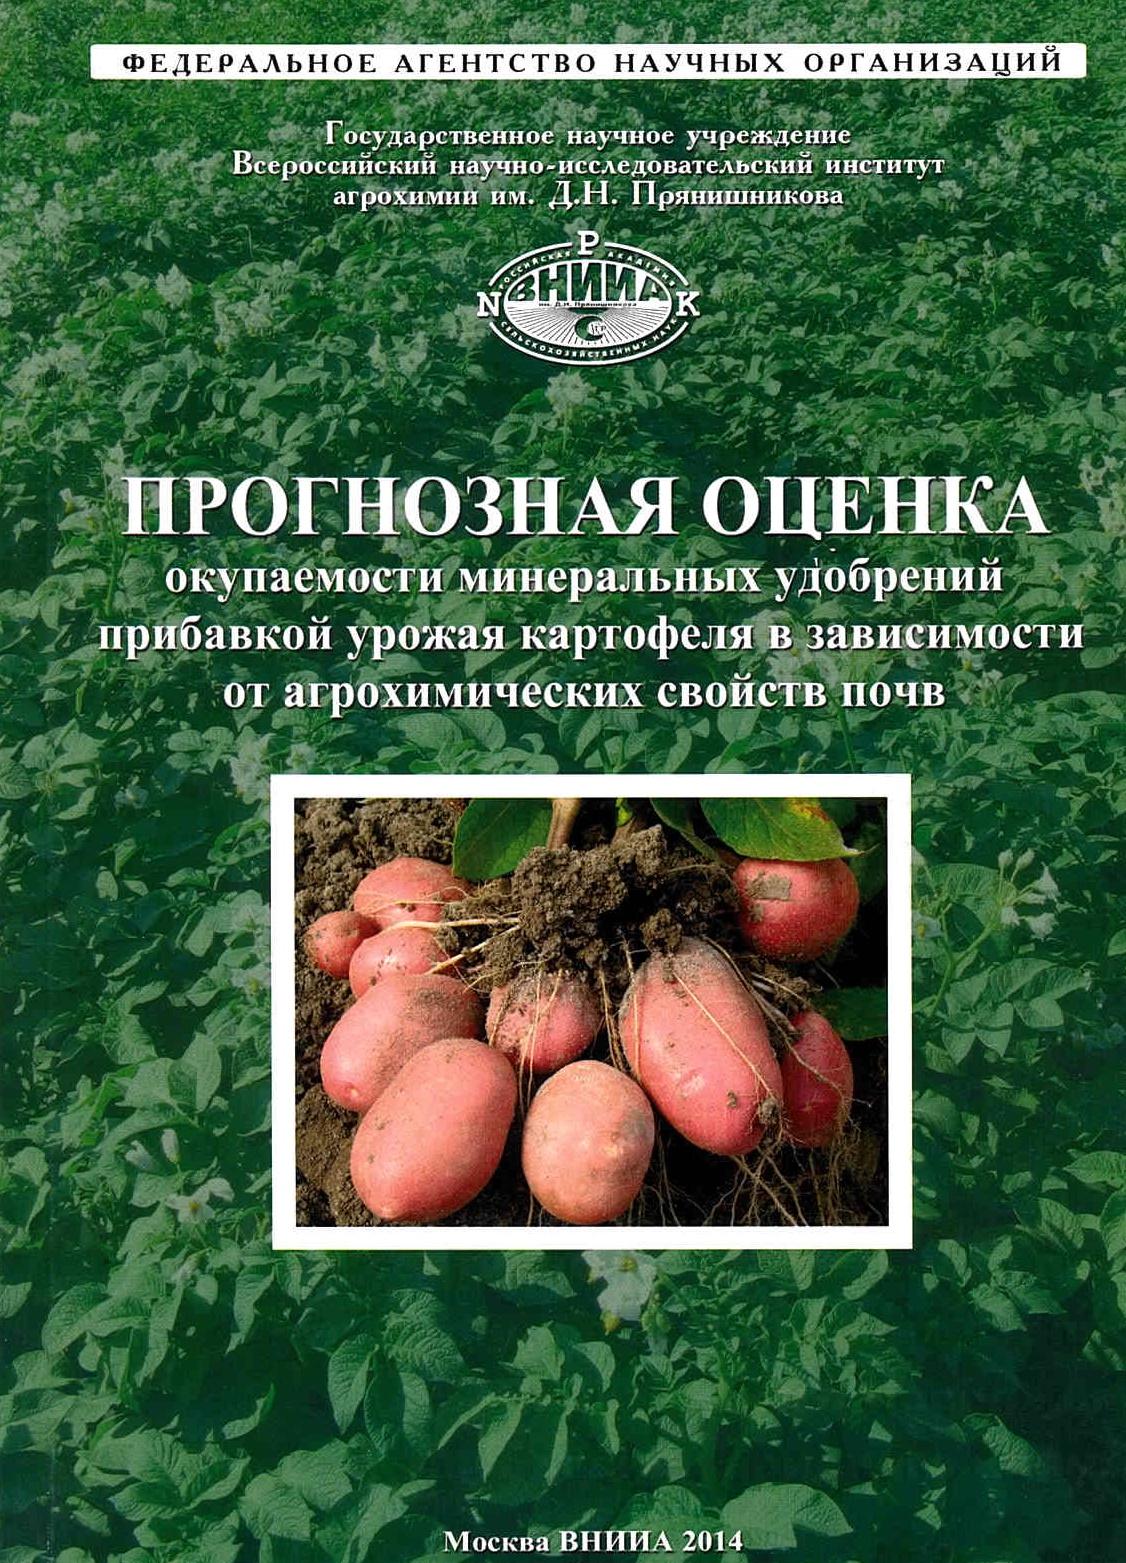 Прогнозная оценка окупаемости минеральных удобрений прибавкой урожая картофеля в зависимости от агрохимических свойств почв - фото